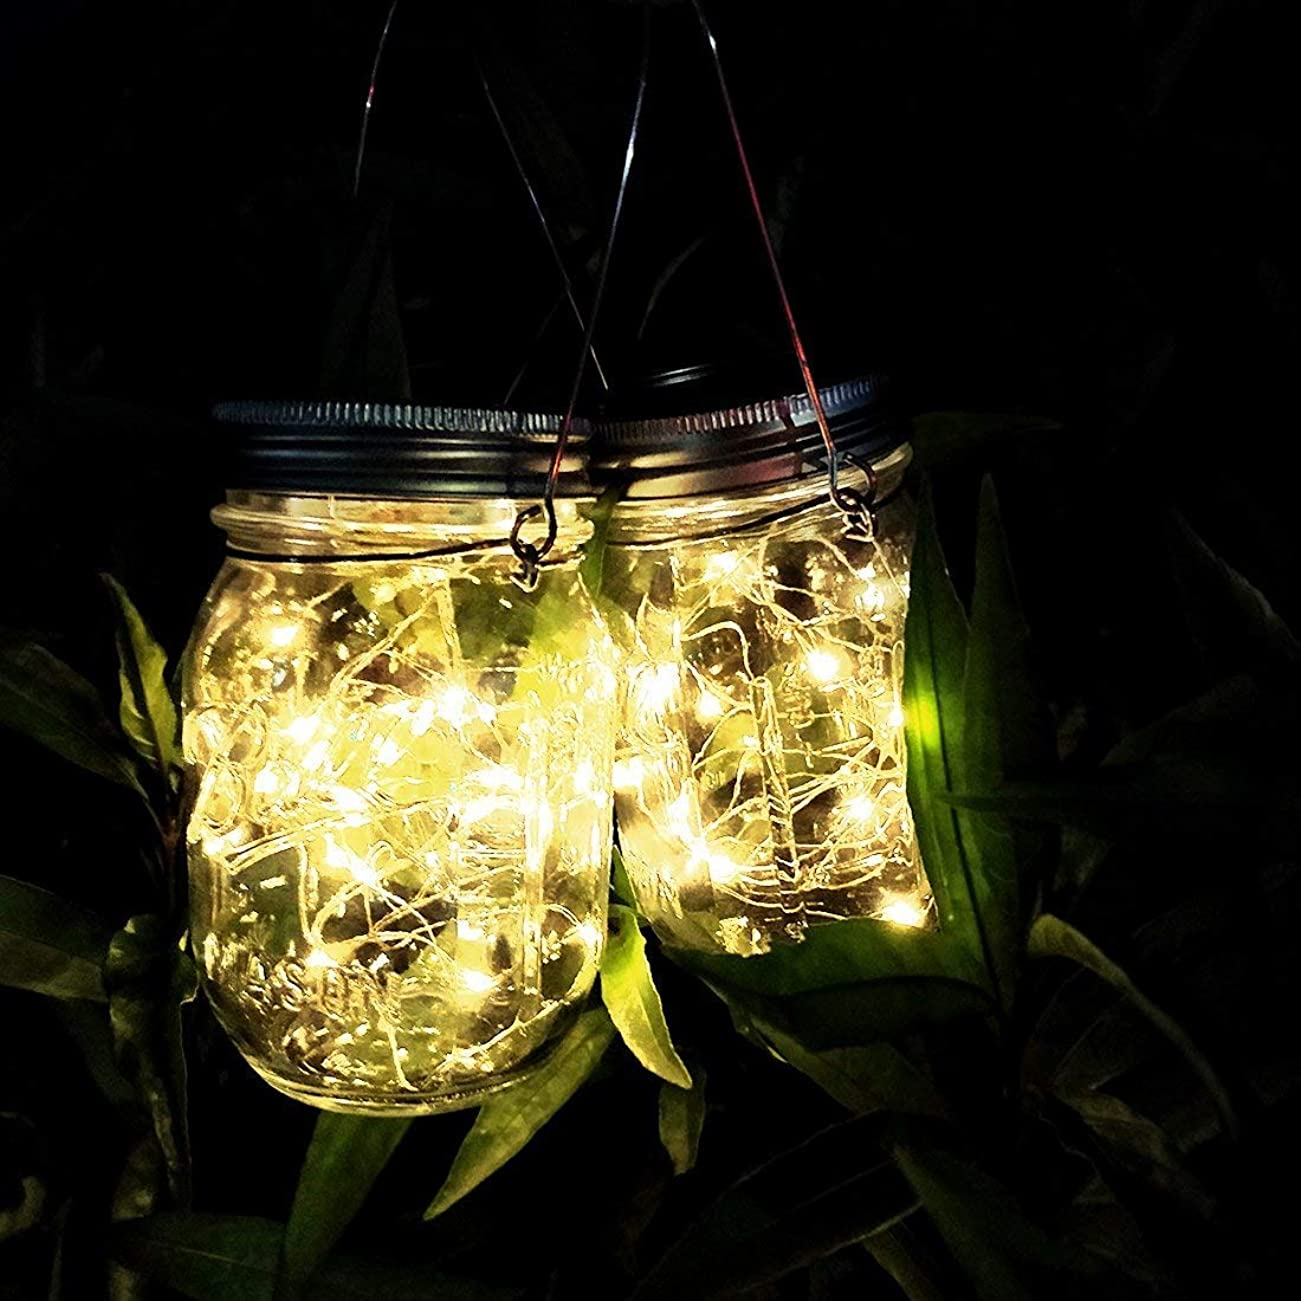 上回るリズミカルな失礼メイソンジャー風ソーラーライト 夜間自動点灯LEDガーデンライト 防水IP65 お庭や芝生をオシャレに演出 ガーデニングやアウトドアに最適 (暖色 2個セット)